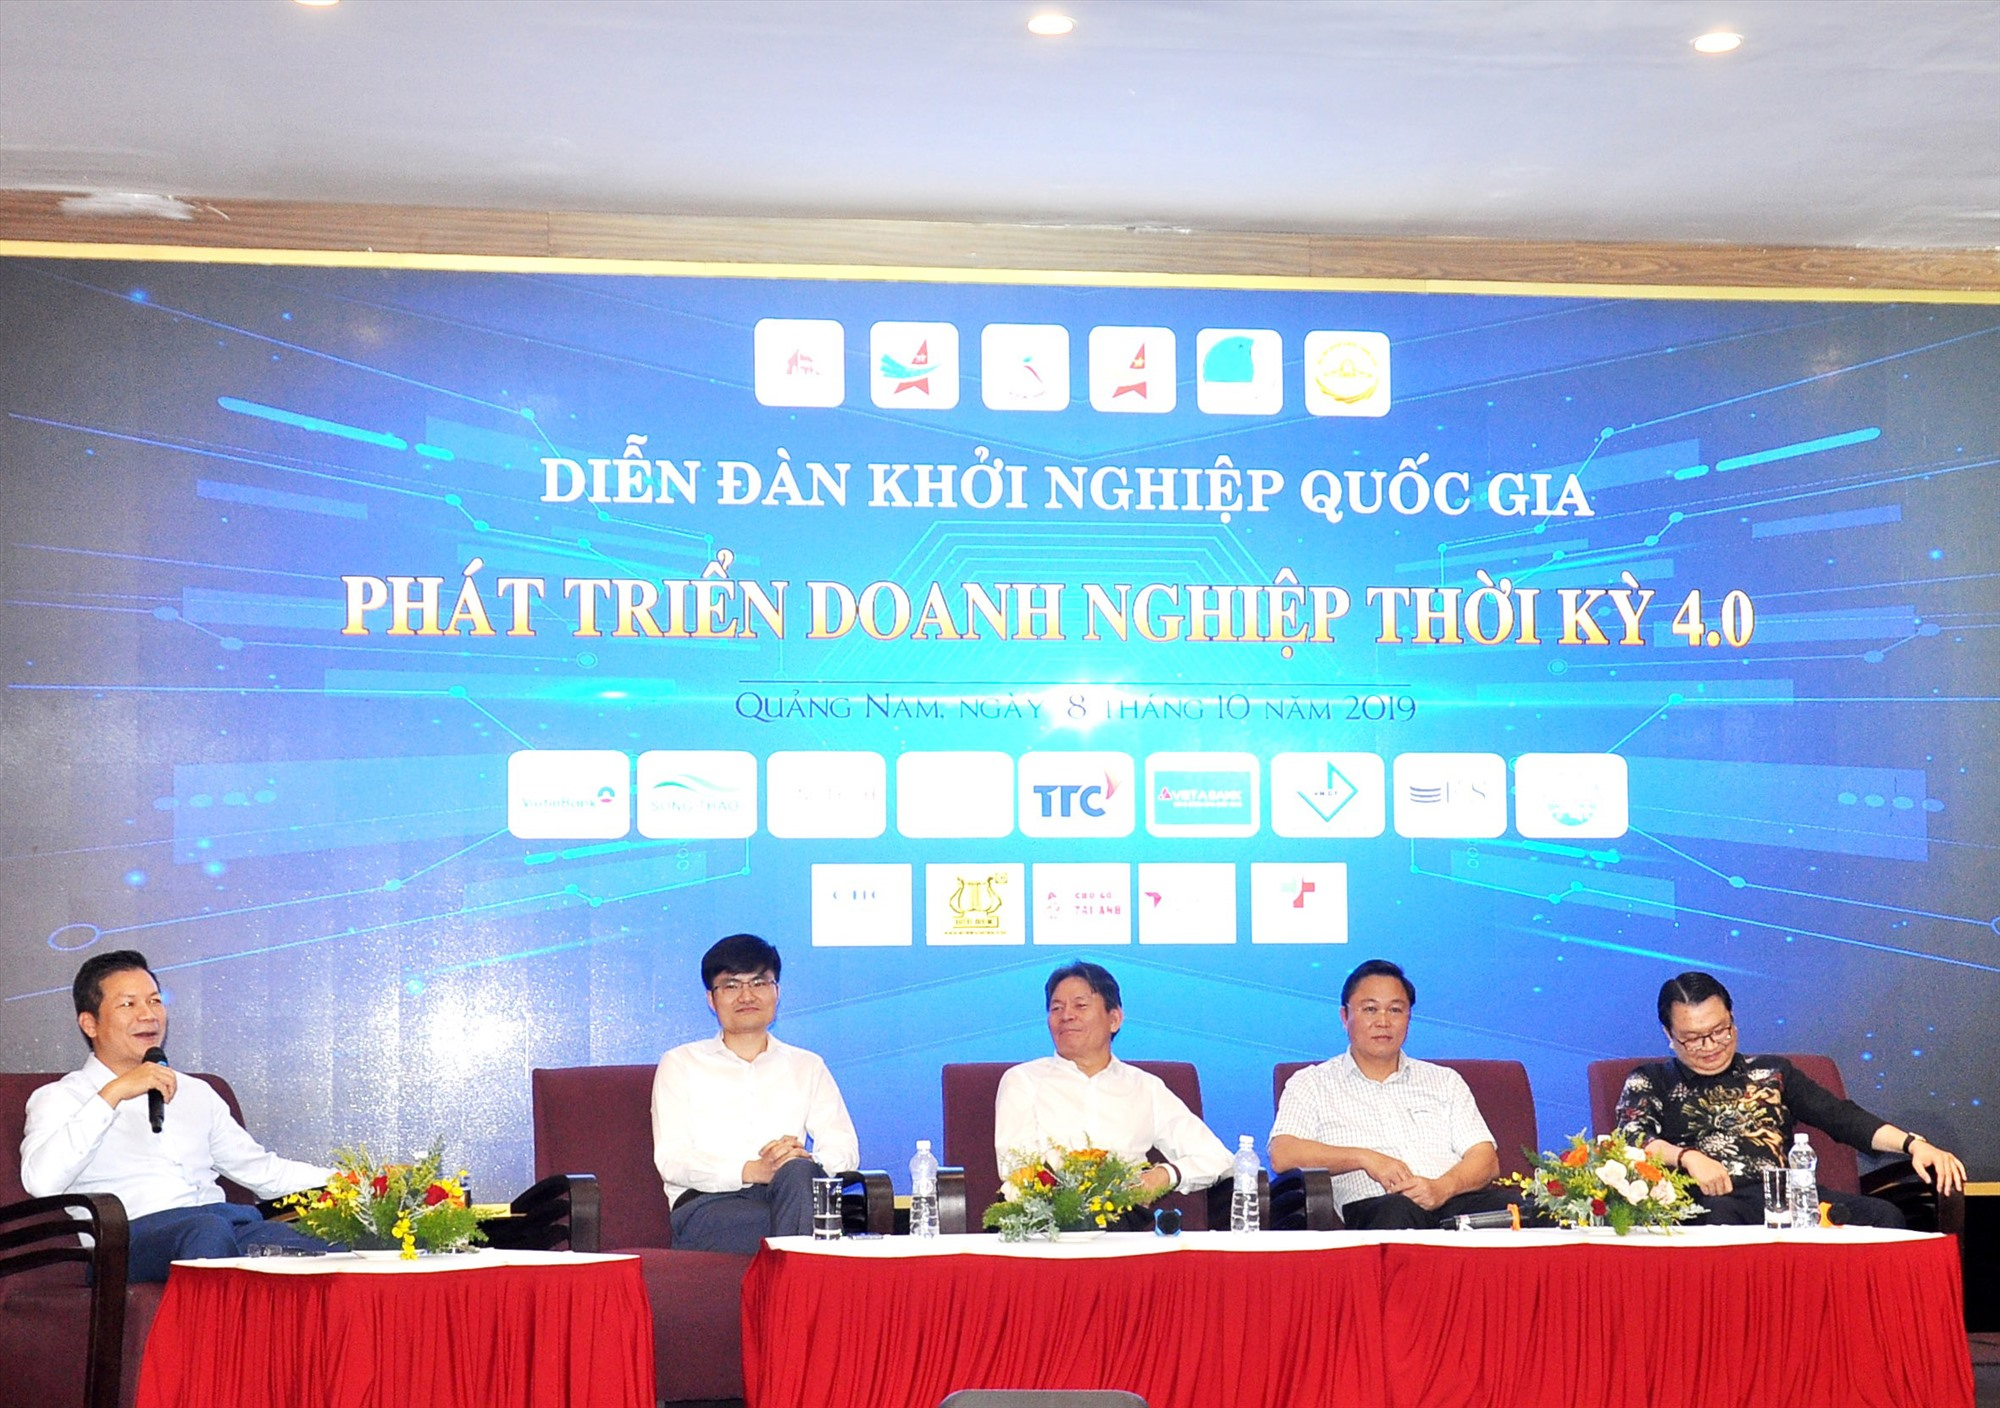 QNB hỗ trợ tổ chức các diễn đàn khởi nghiệp tại Quảng Nam. TRONG ẢNH: Diễn đàn khởi nghiệp quốc gia về phát triển doanh nghiệp thời kỳ 4.0. Ảnh: VINH ANH